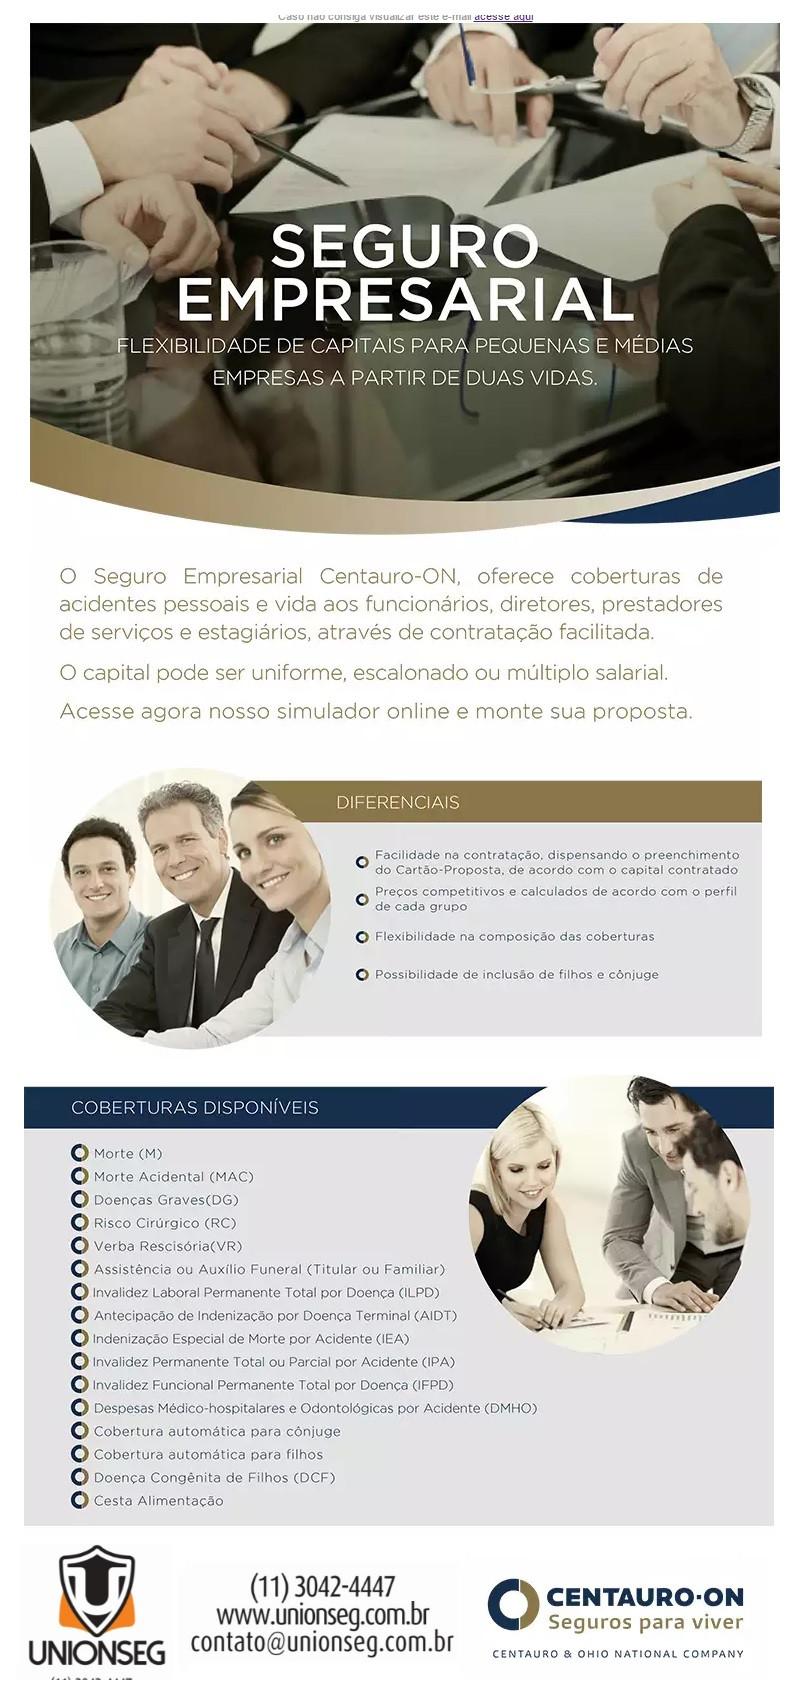 seguro de vida empresarial, seguro de vida capital global, seguro de vida pme, centauro-on, unionseg, corretora de seguros